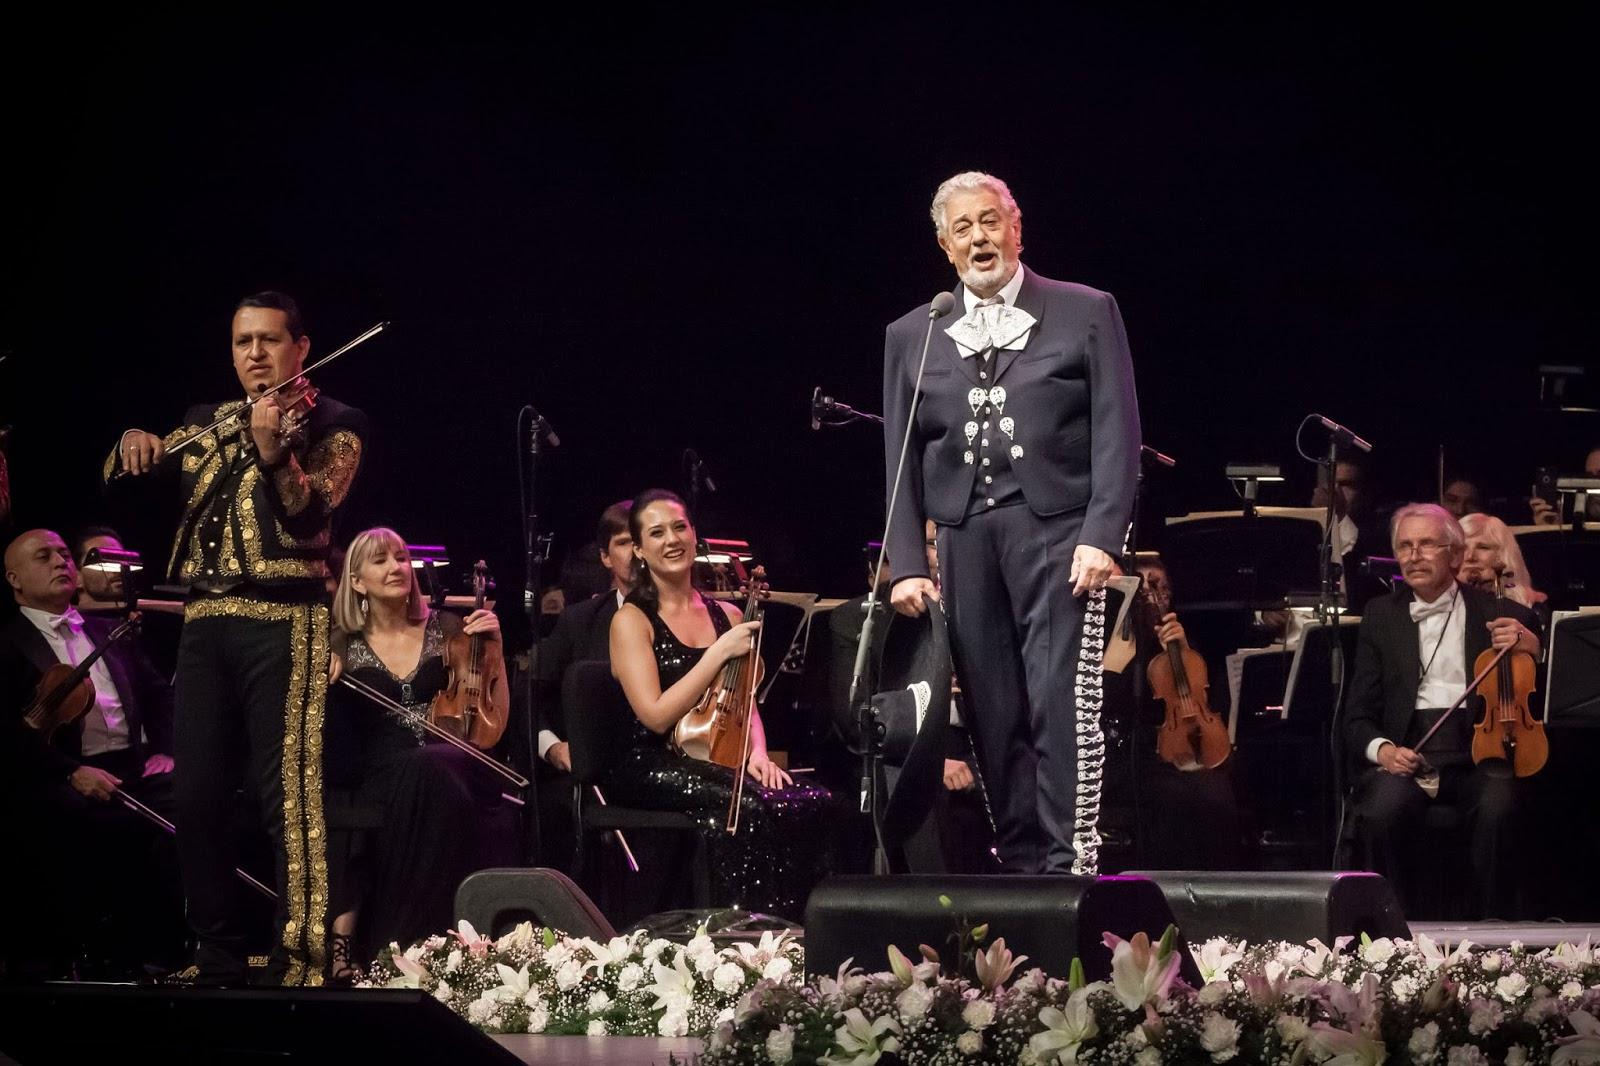 Plácido Domingo ataviado en un traje de mariachi durante un concierto